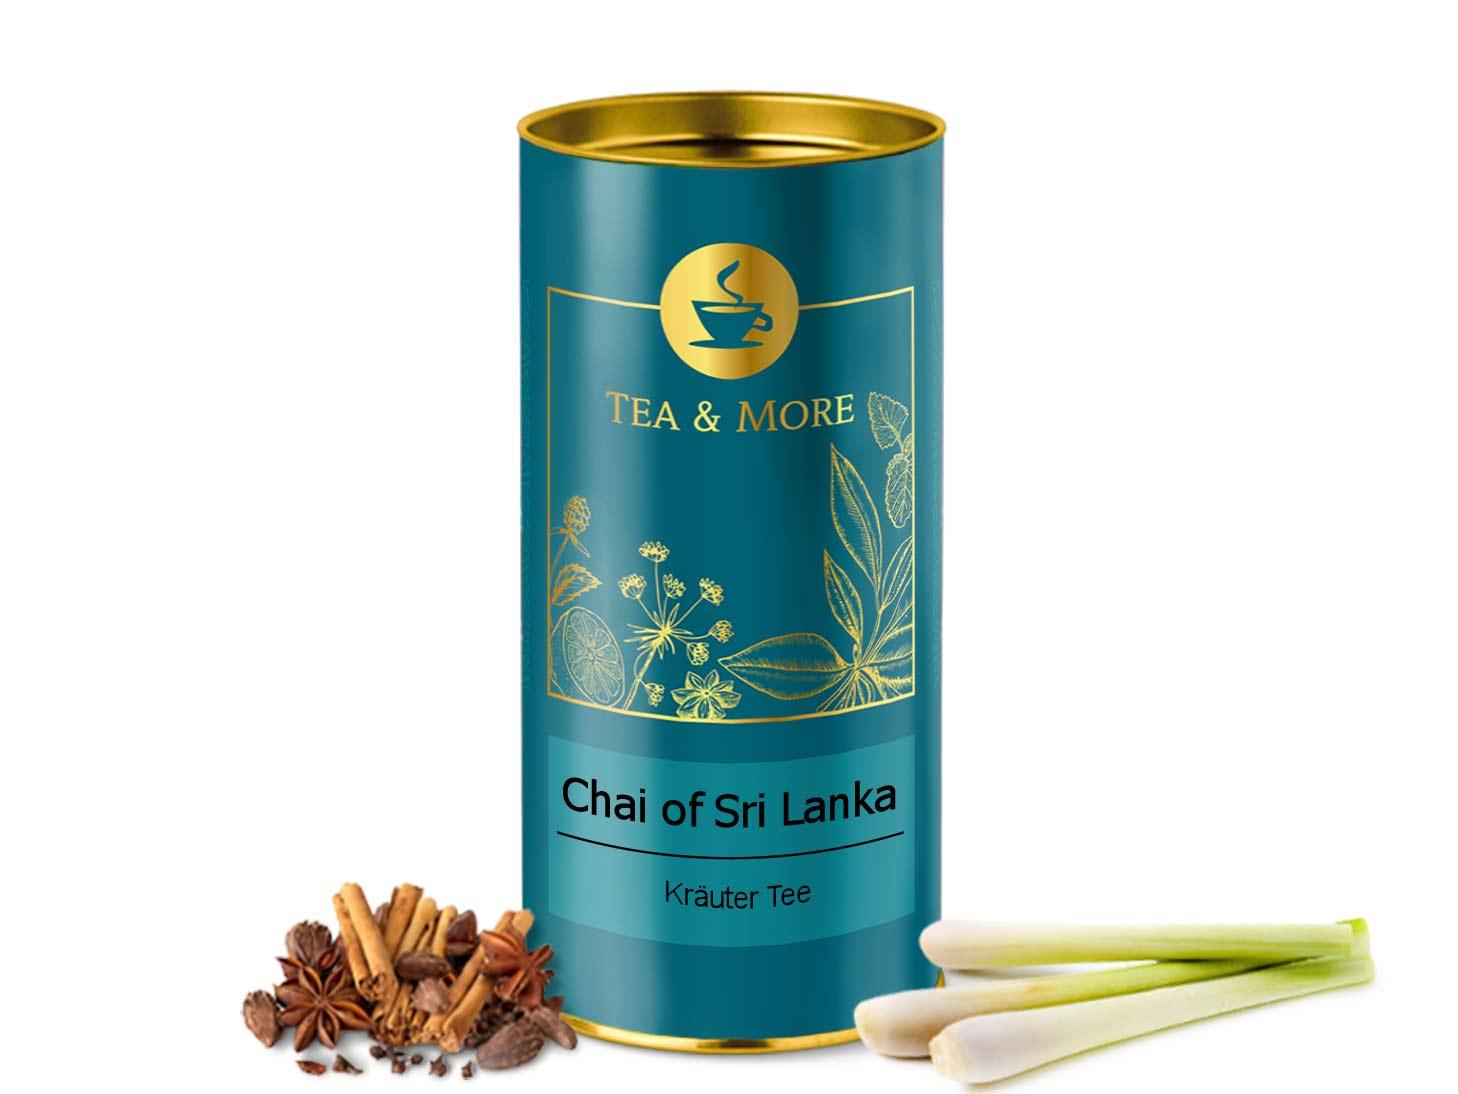 Chai of Sri Lanka